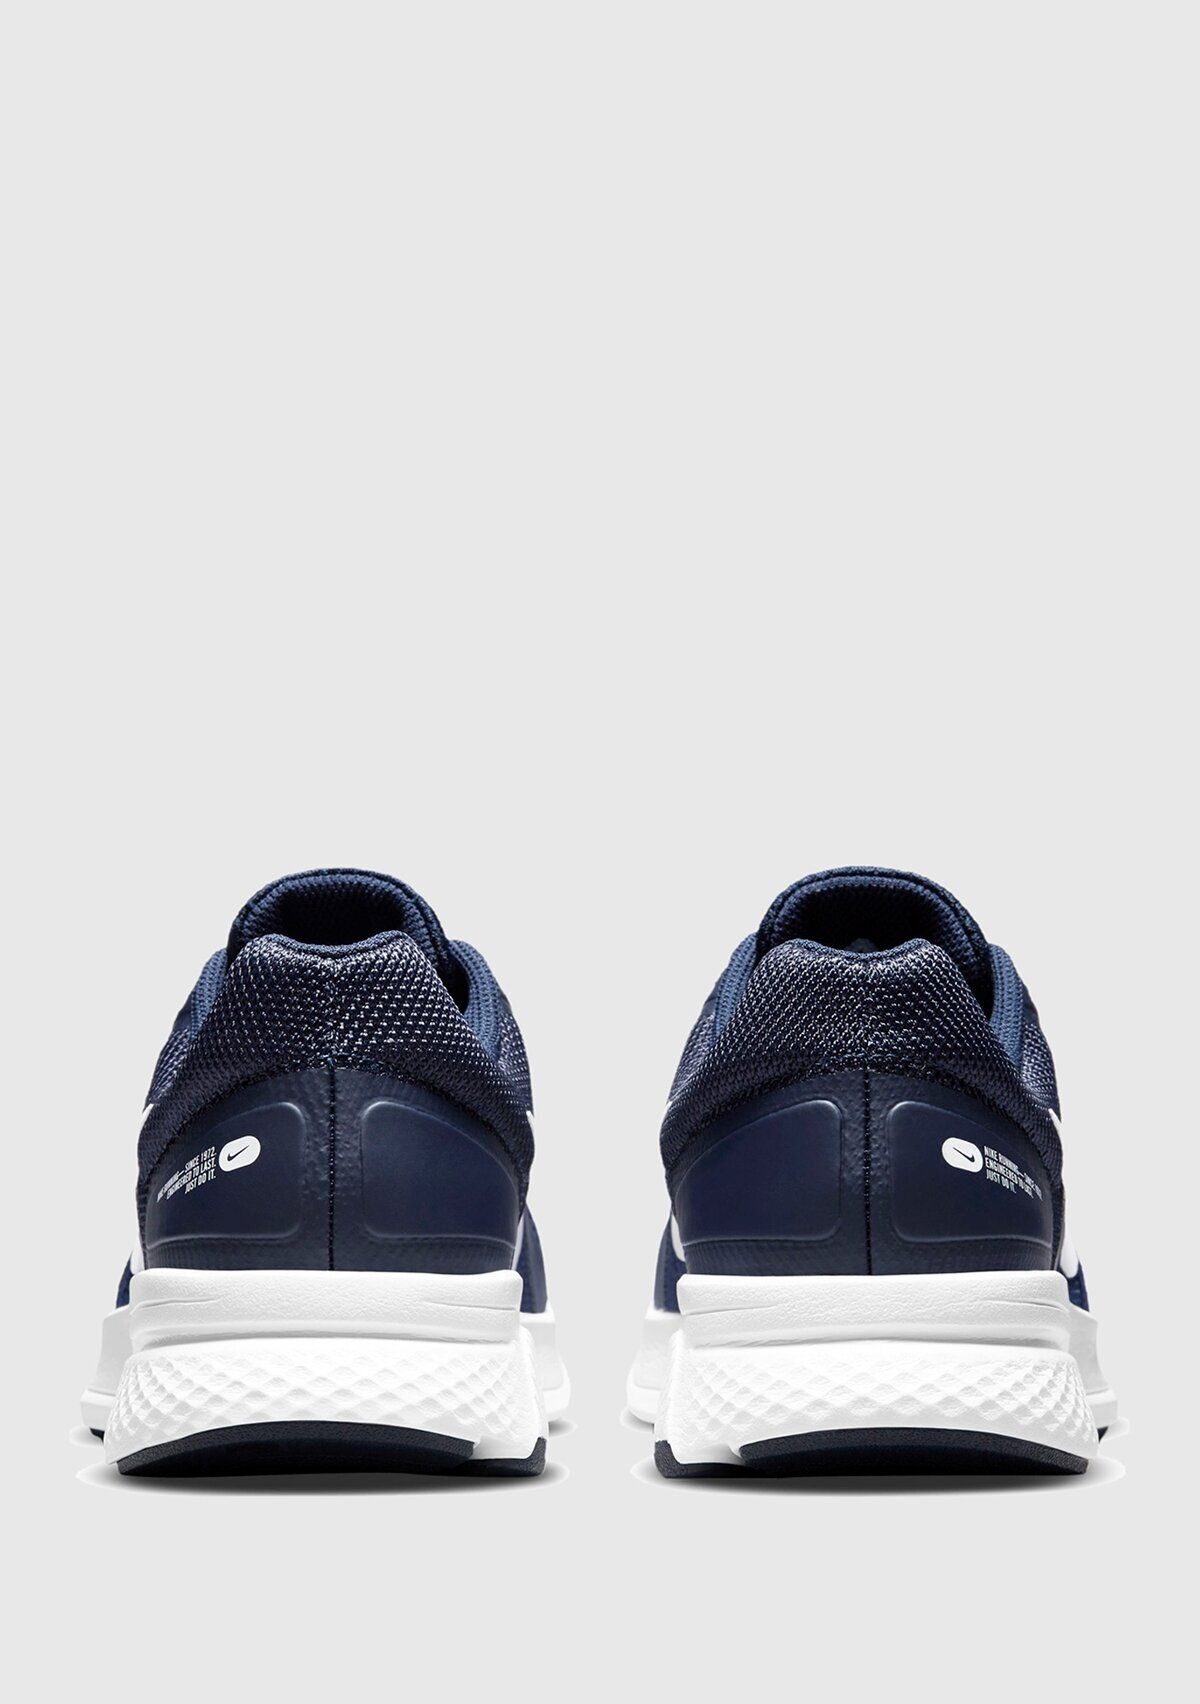 resm Run Swıft 2 Lacivert Erkek Koşu Ayakkabısı Cu3517-